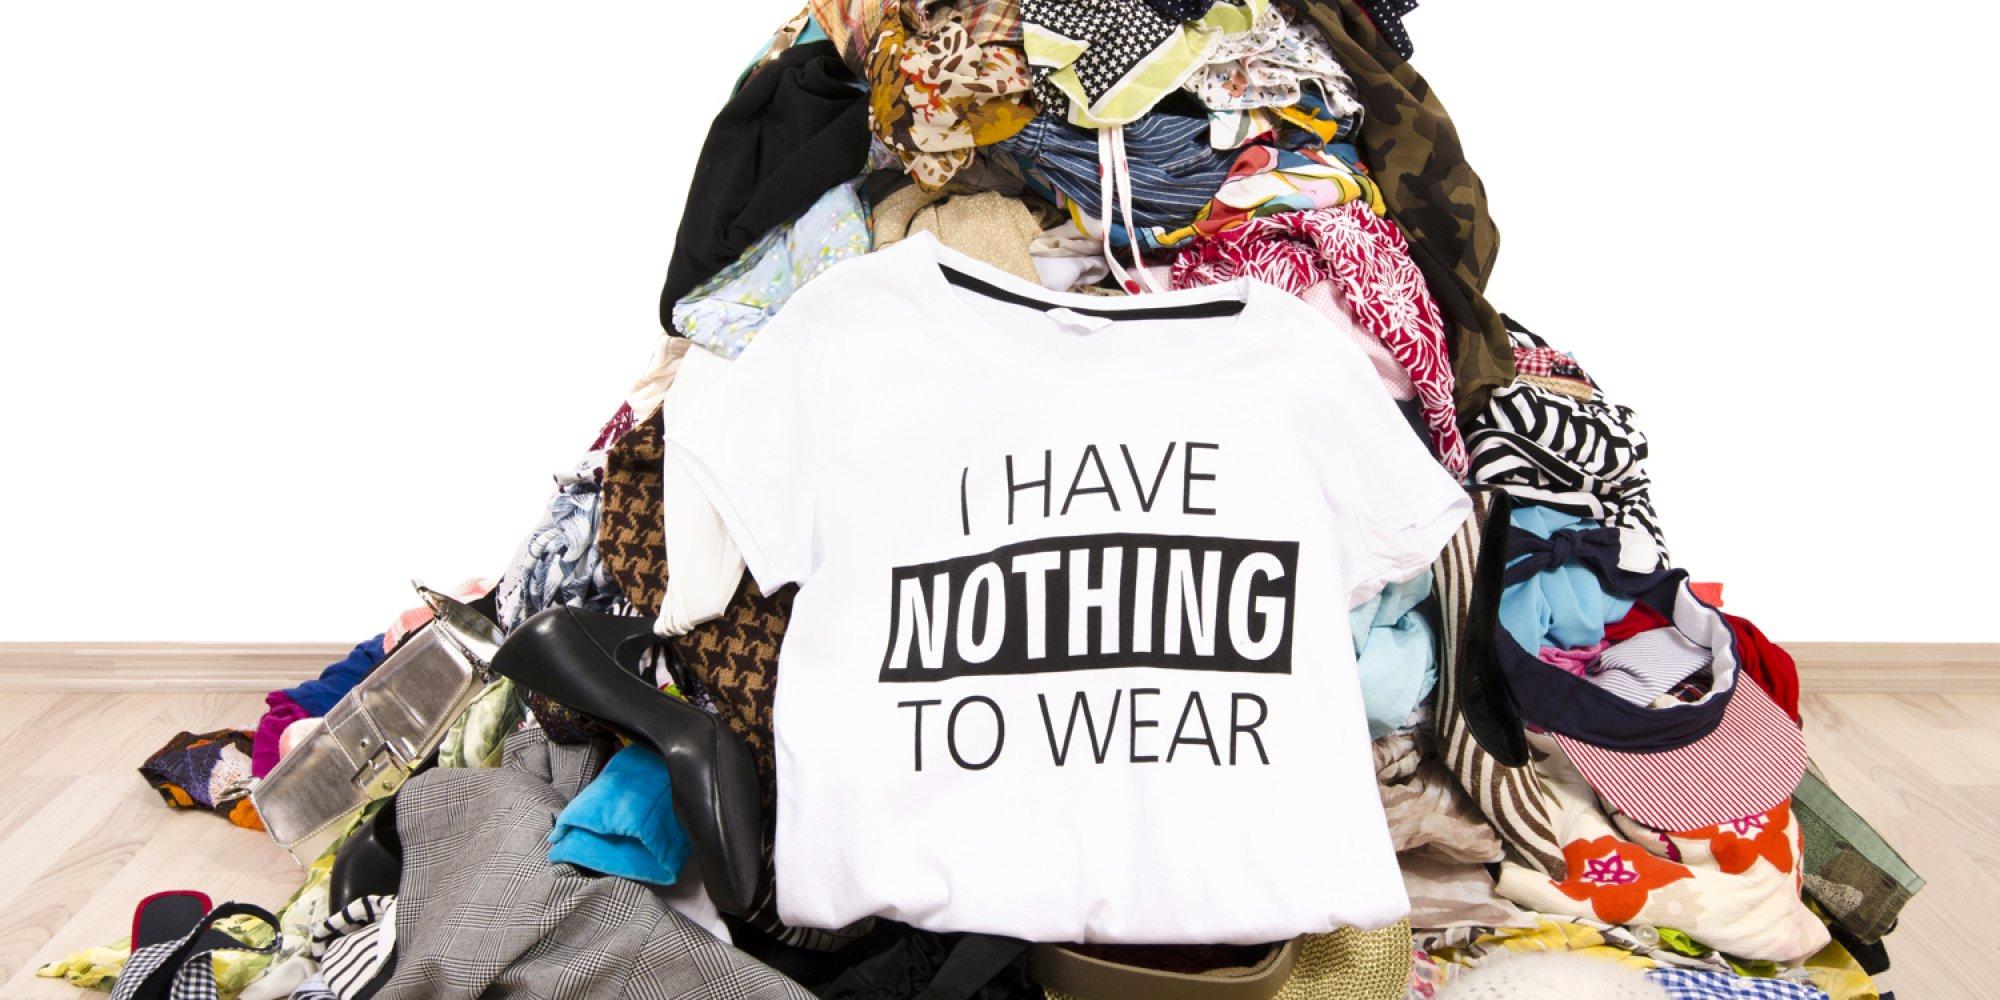 Kis 5 pasos fáciles para descontar su armario antes de las ventas de compras | gallery 0